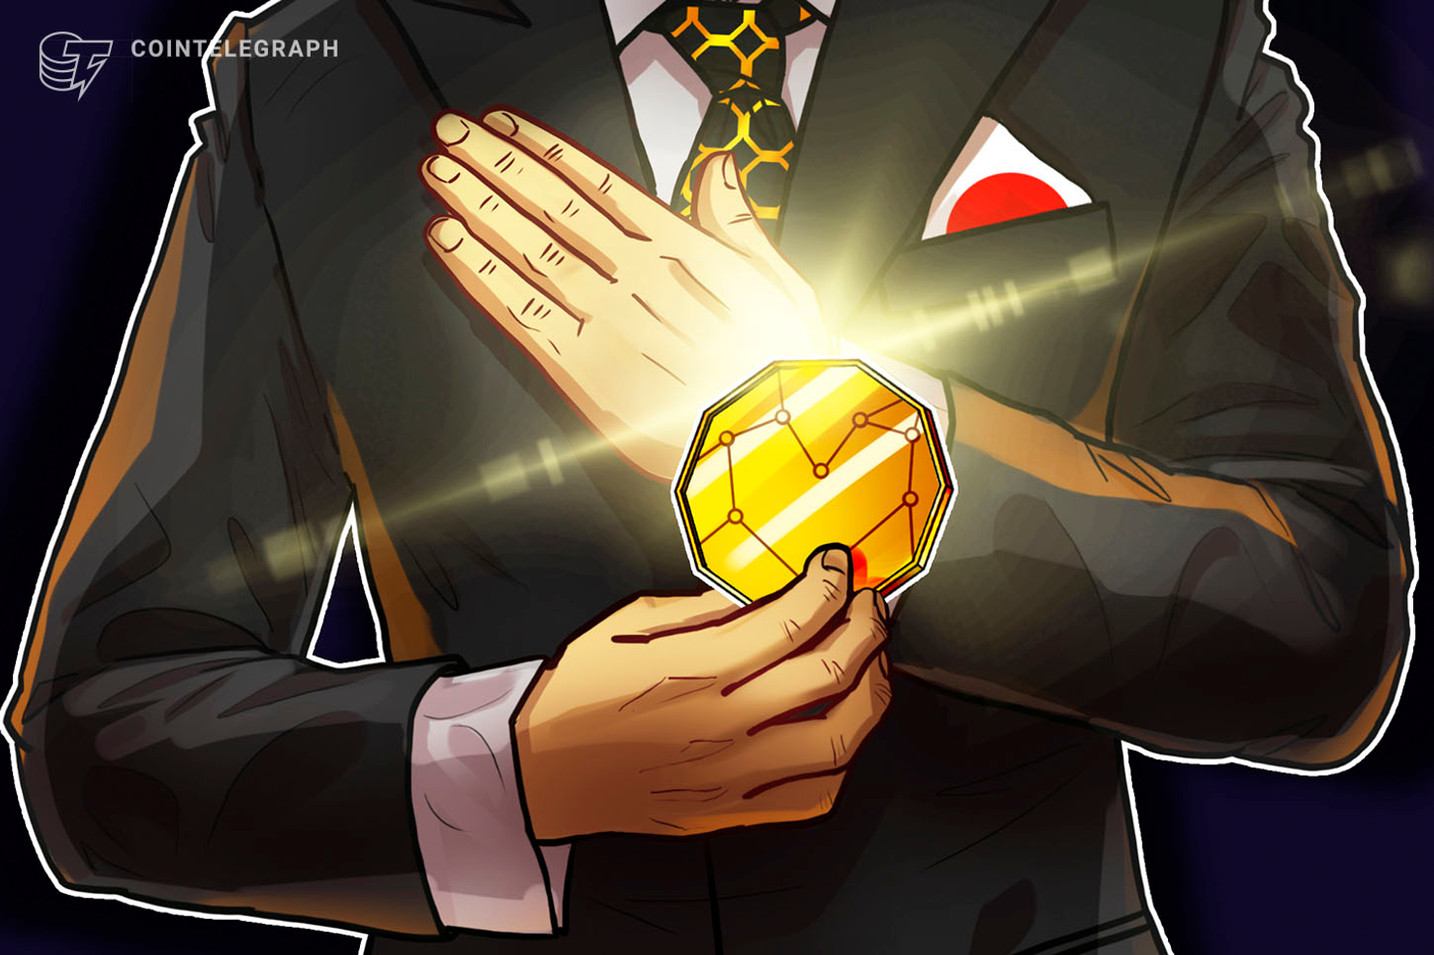 仮想通貨企業QUOINEがFTXと業務提携にむけた協議開始 | 132億円の資金調達も完了